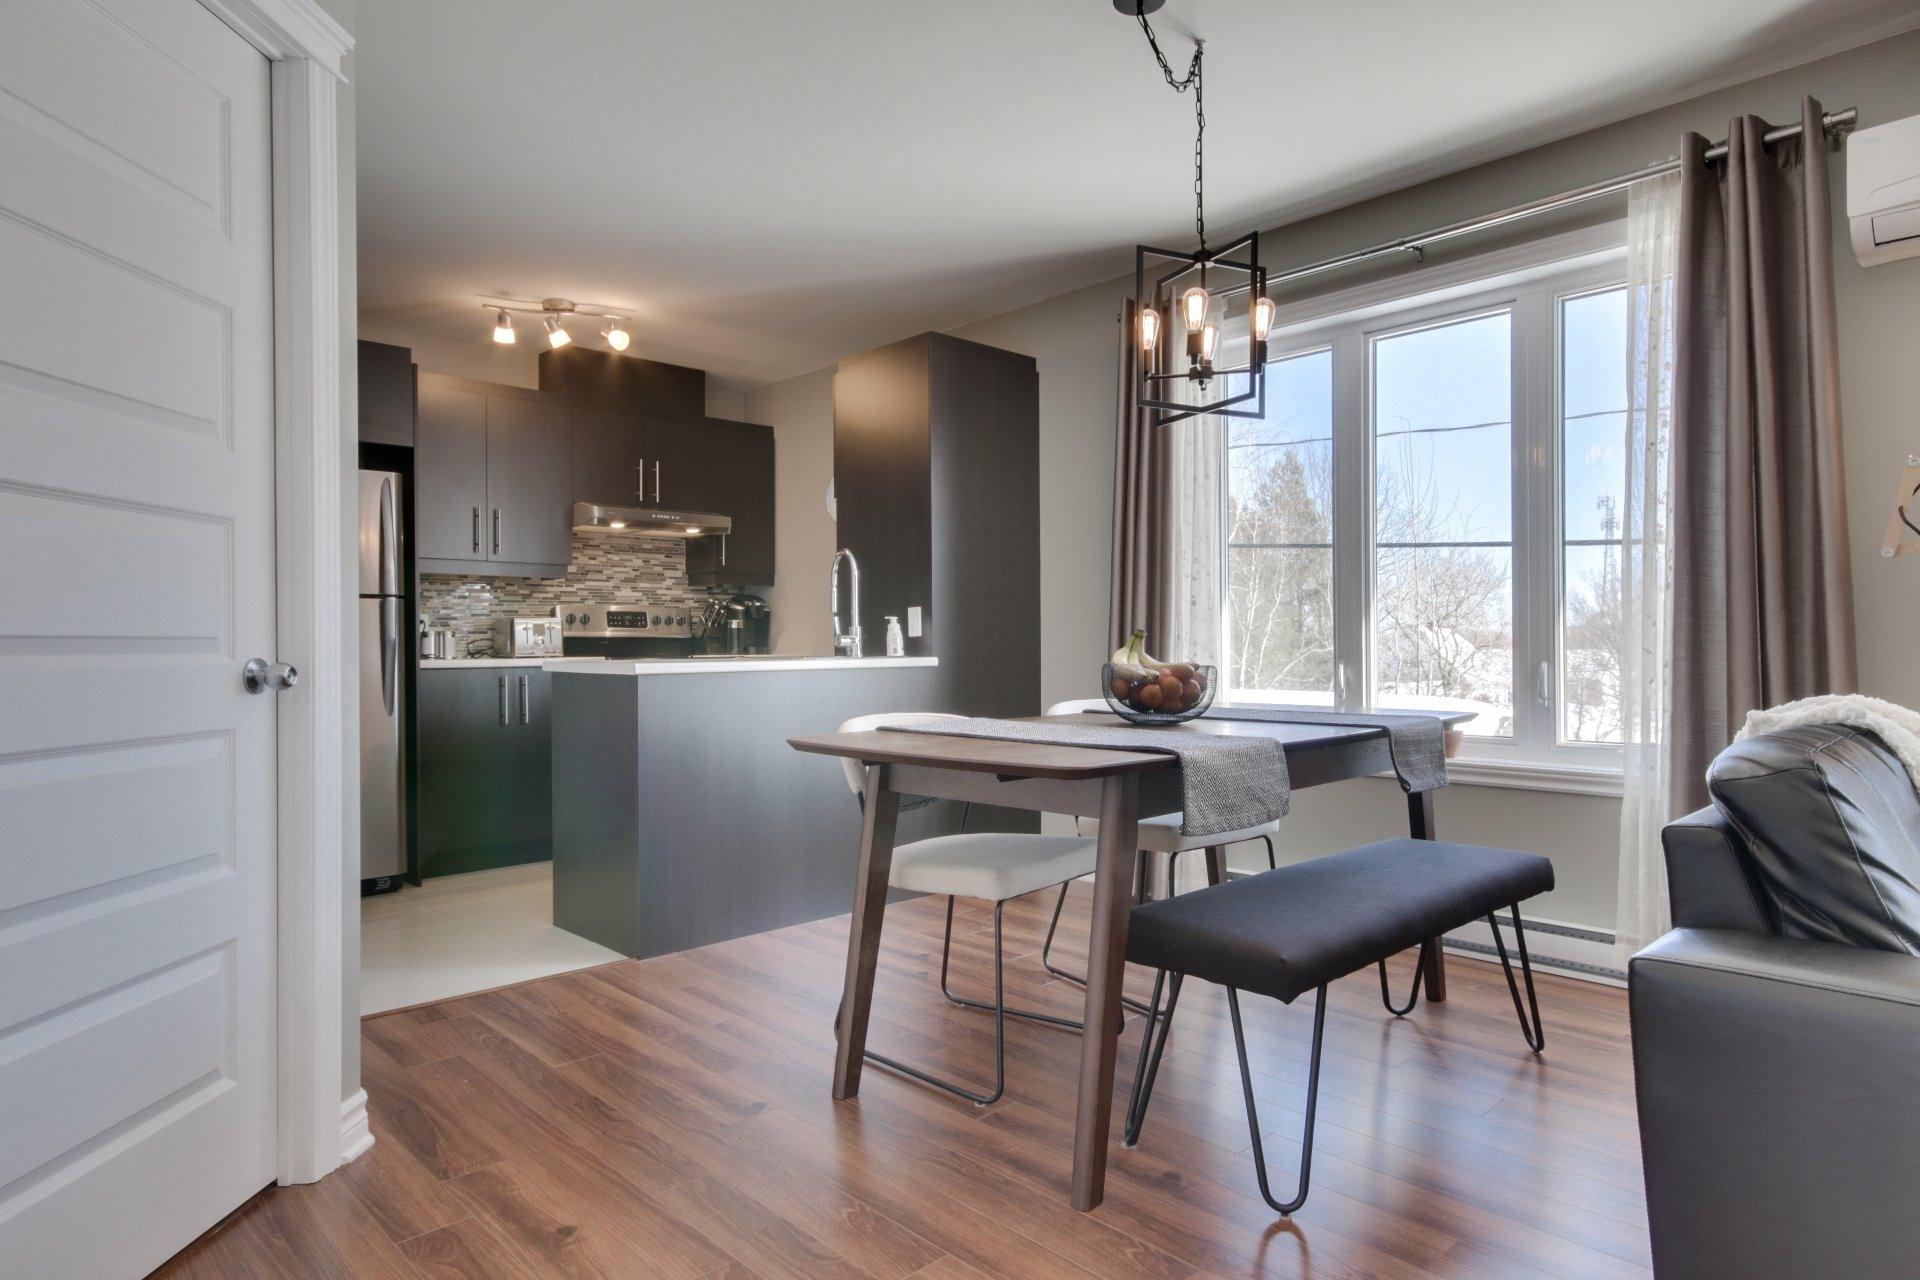 image 9 - Apartment For sale Trois-Rivières - 6 rooms